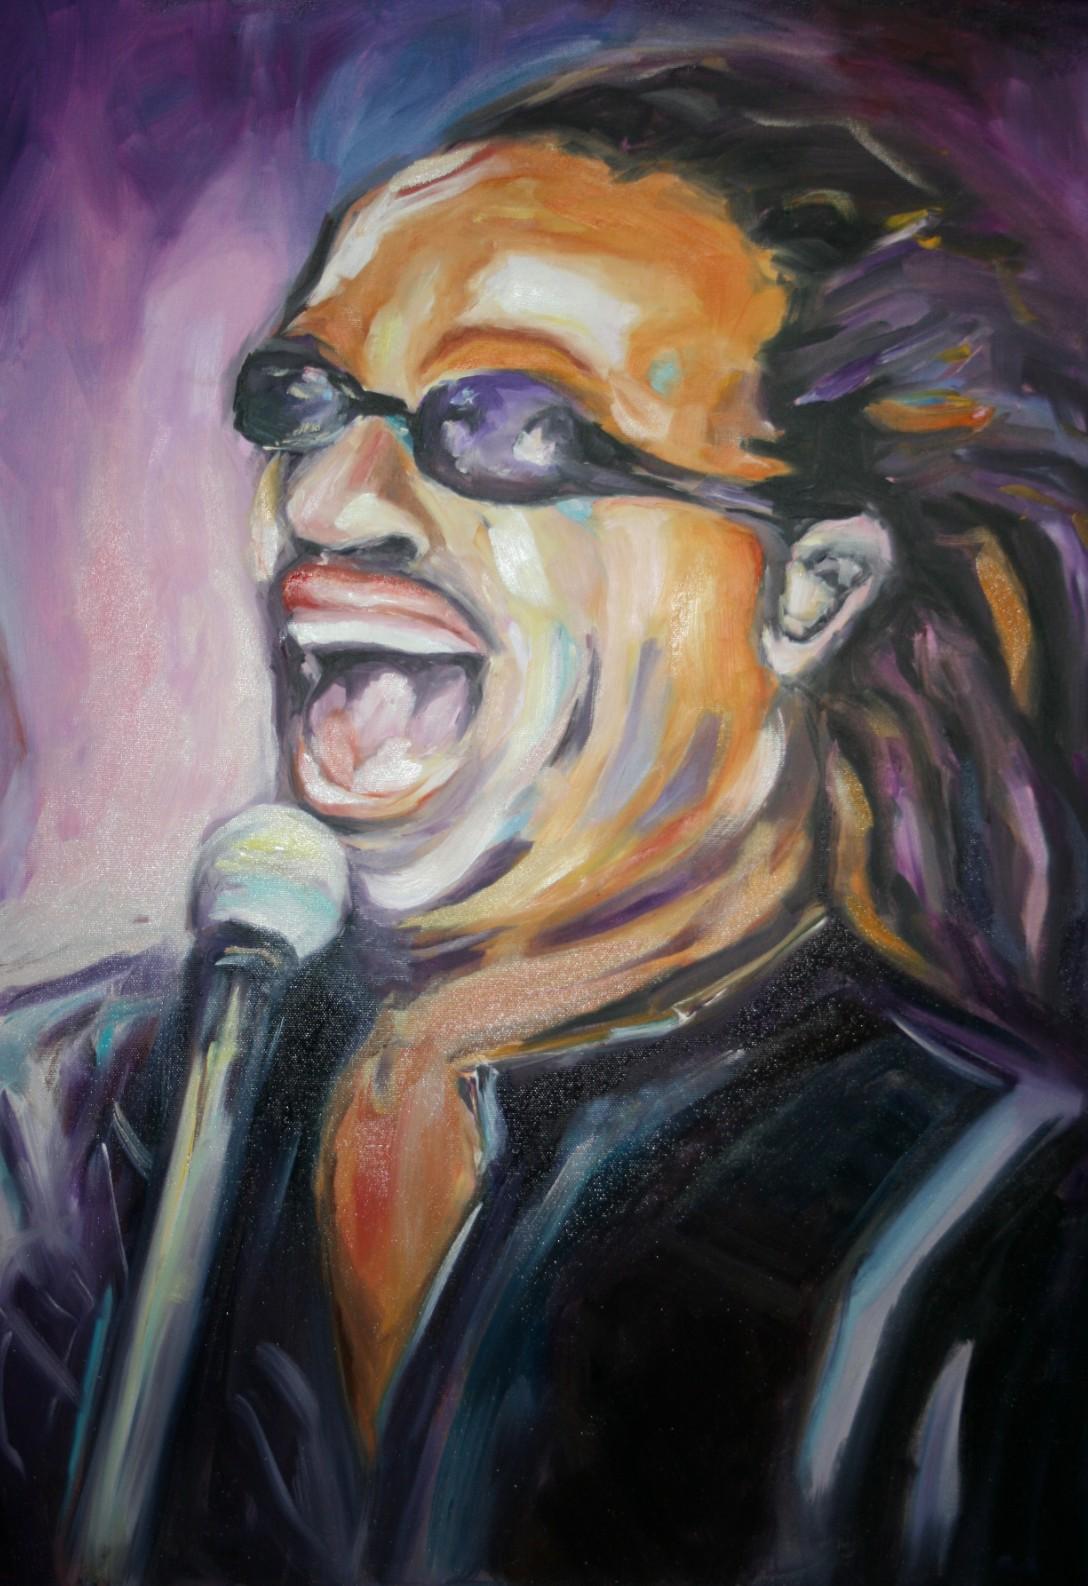 Piosenkarz - wystrój wnętrza